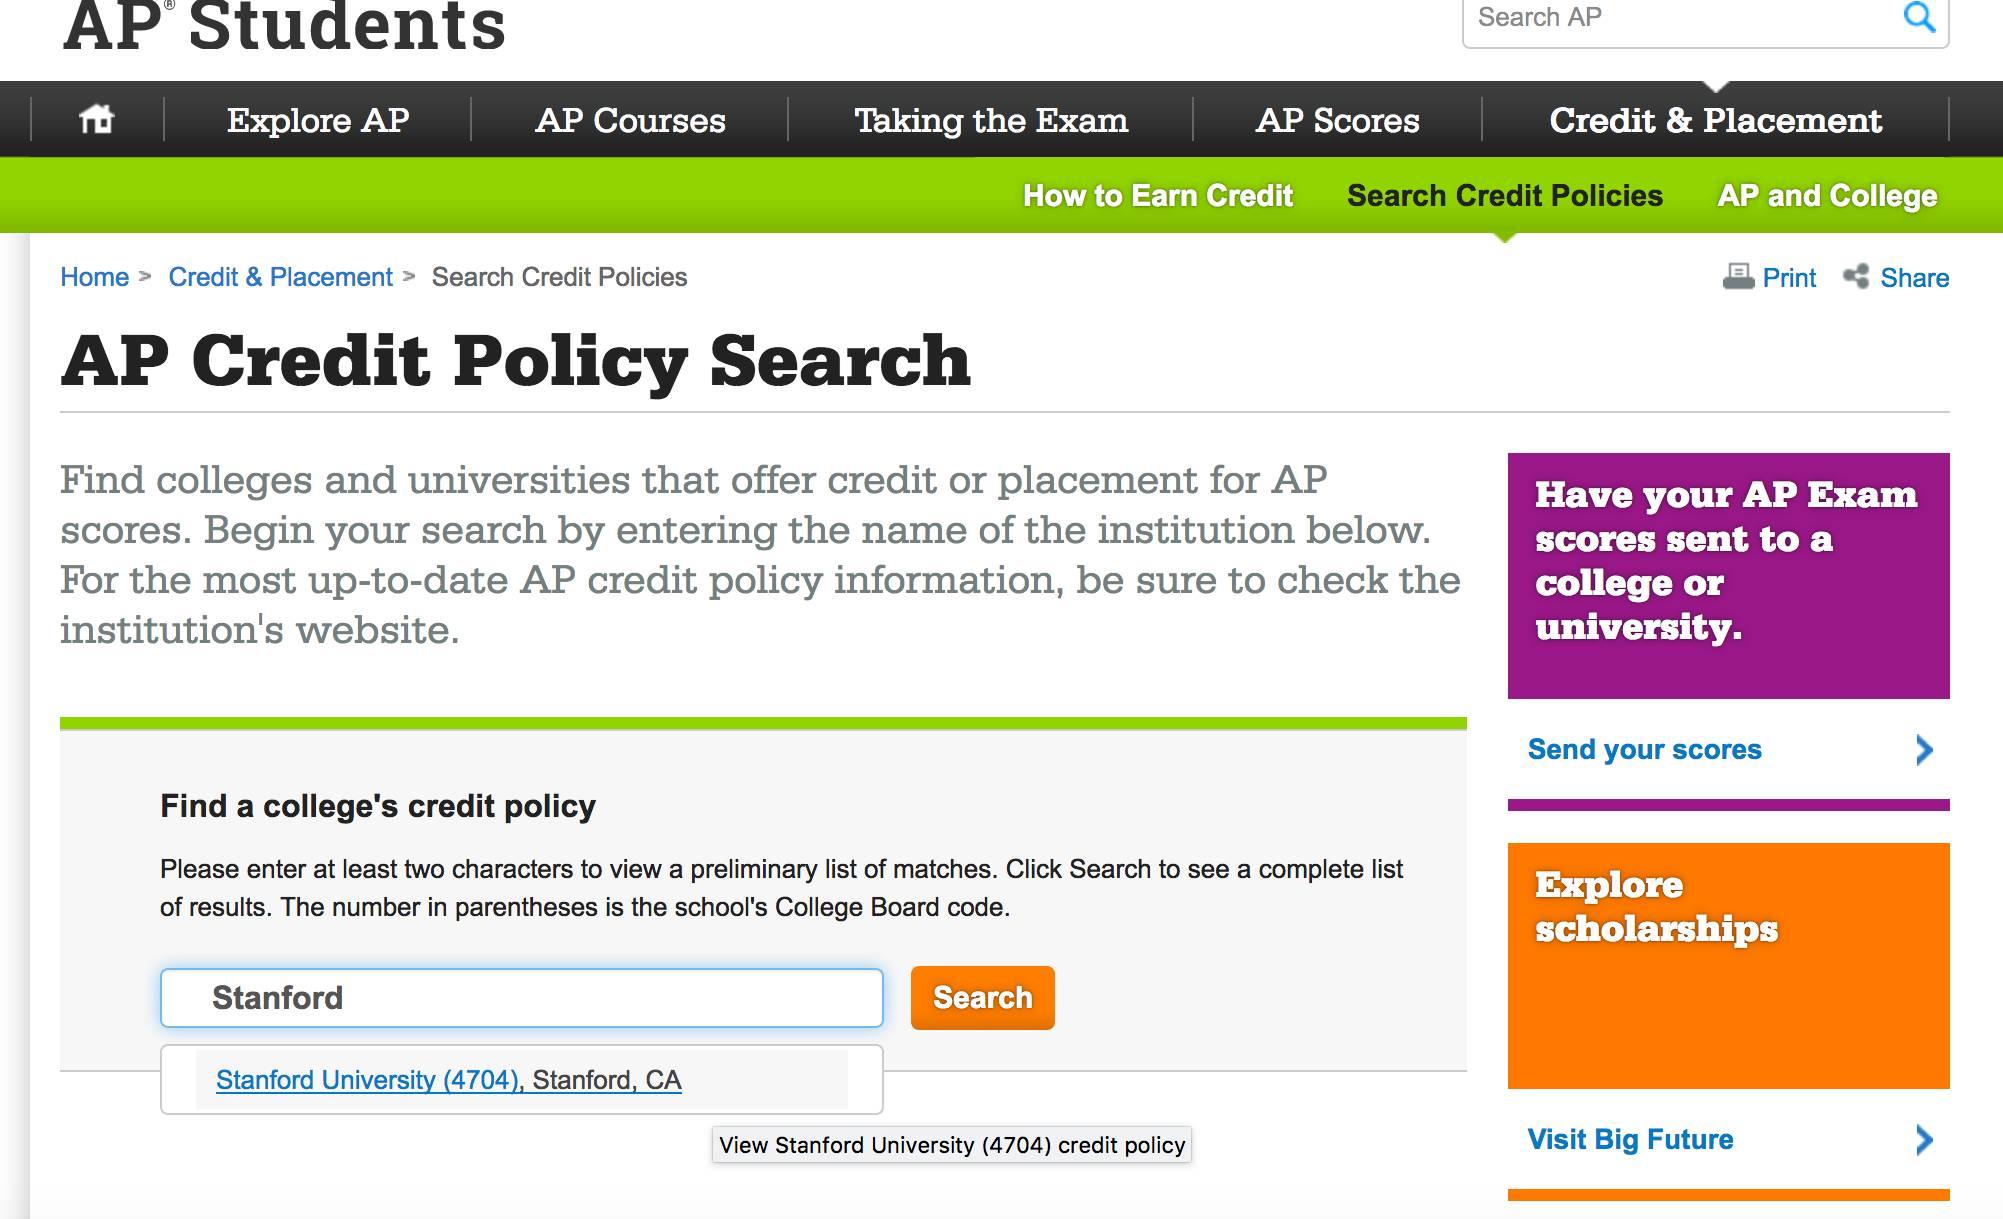 国际学校学生必读:如何利用AP课程换取学分